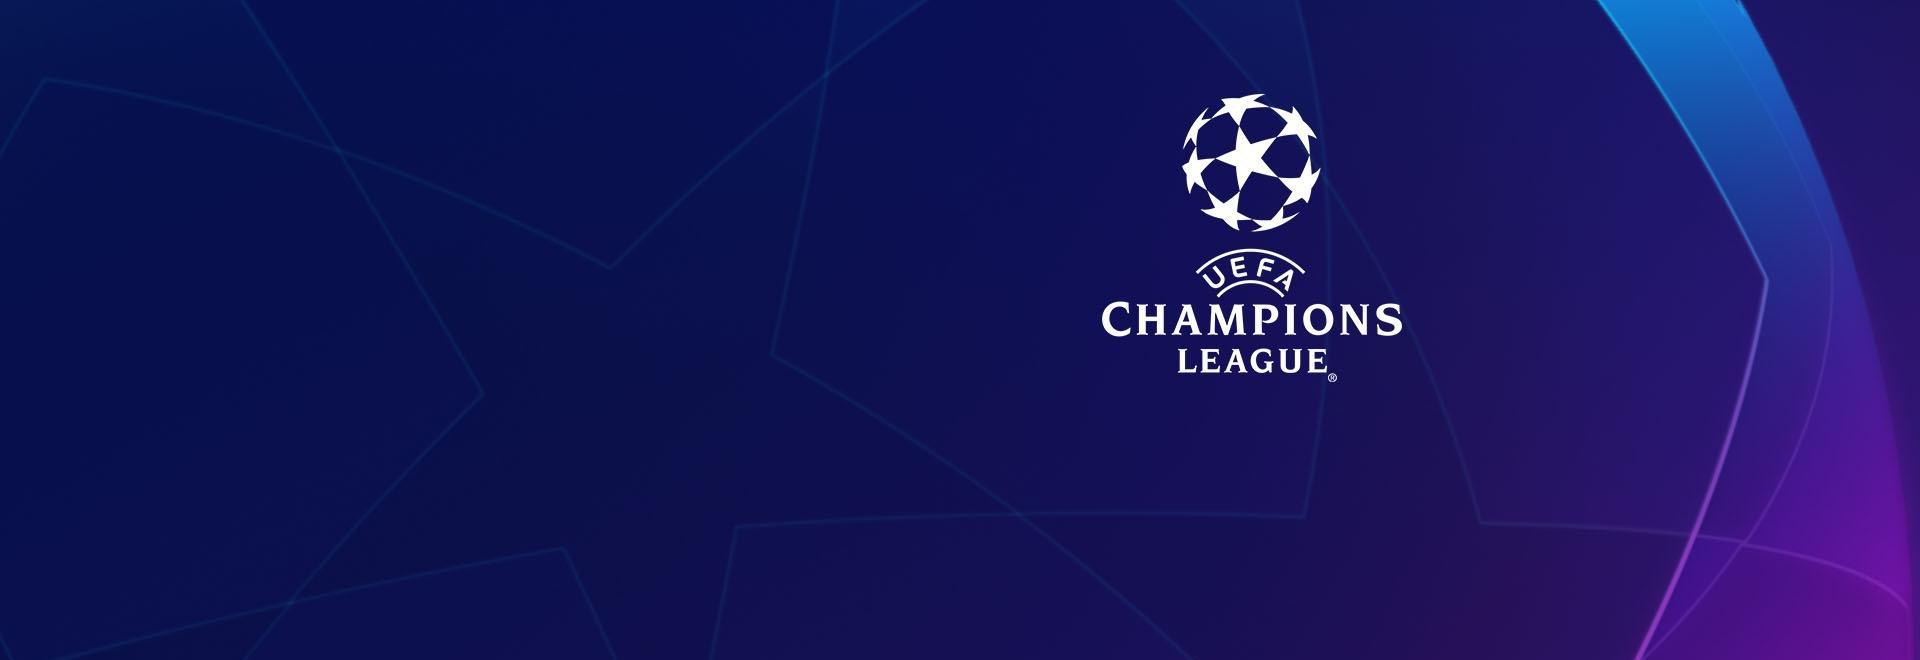 UEFA Champions League Preview